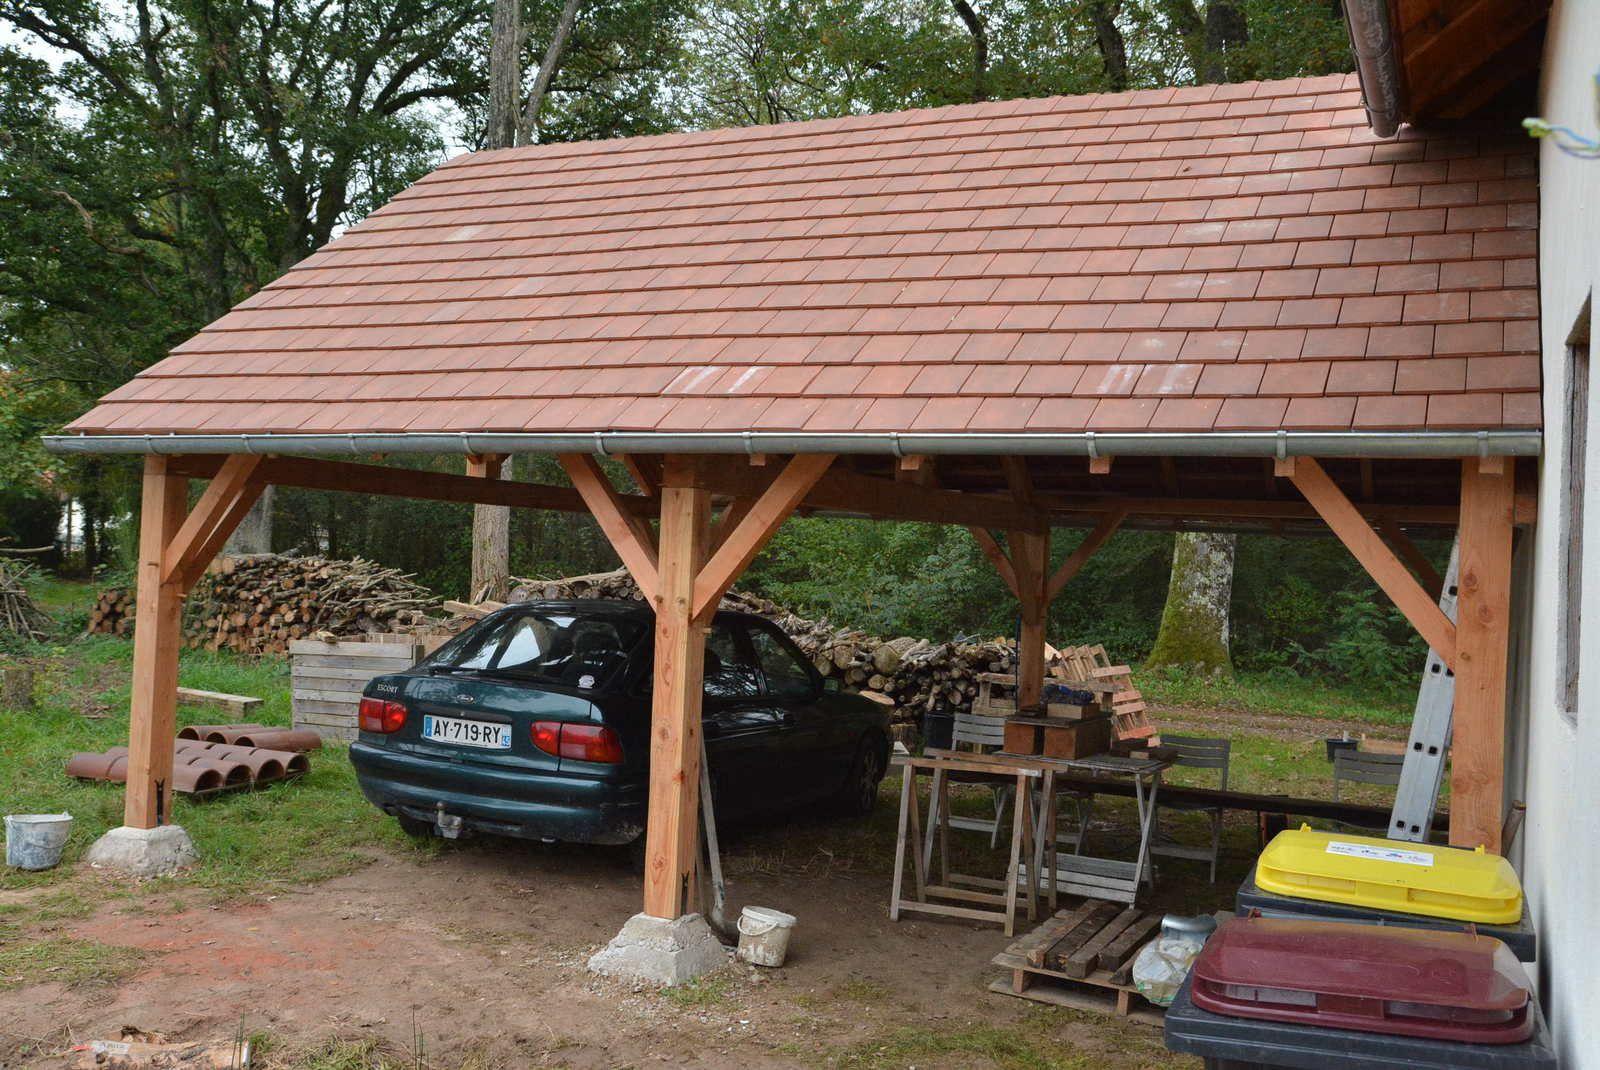 Et voilà la voiture est à l'abri ! Je vais également pouvoir stocker le bois pour cet hiver au sec.